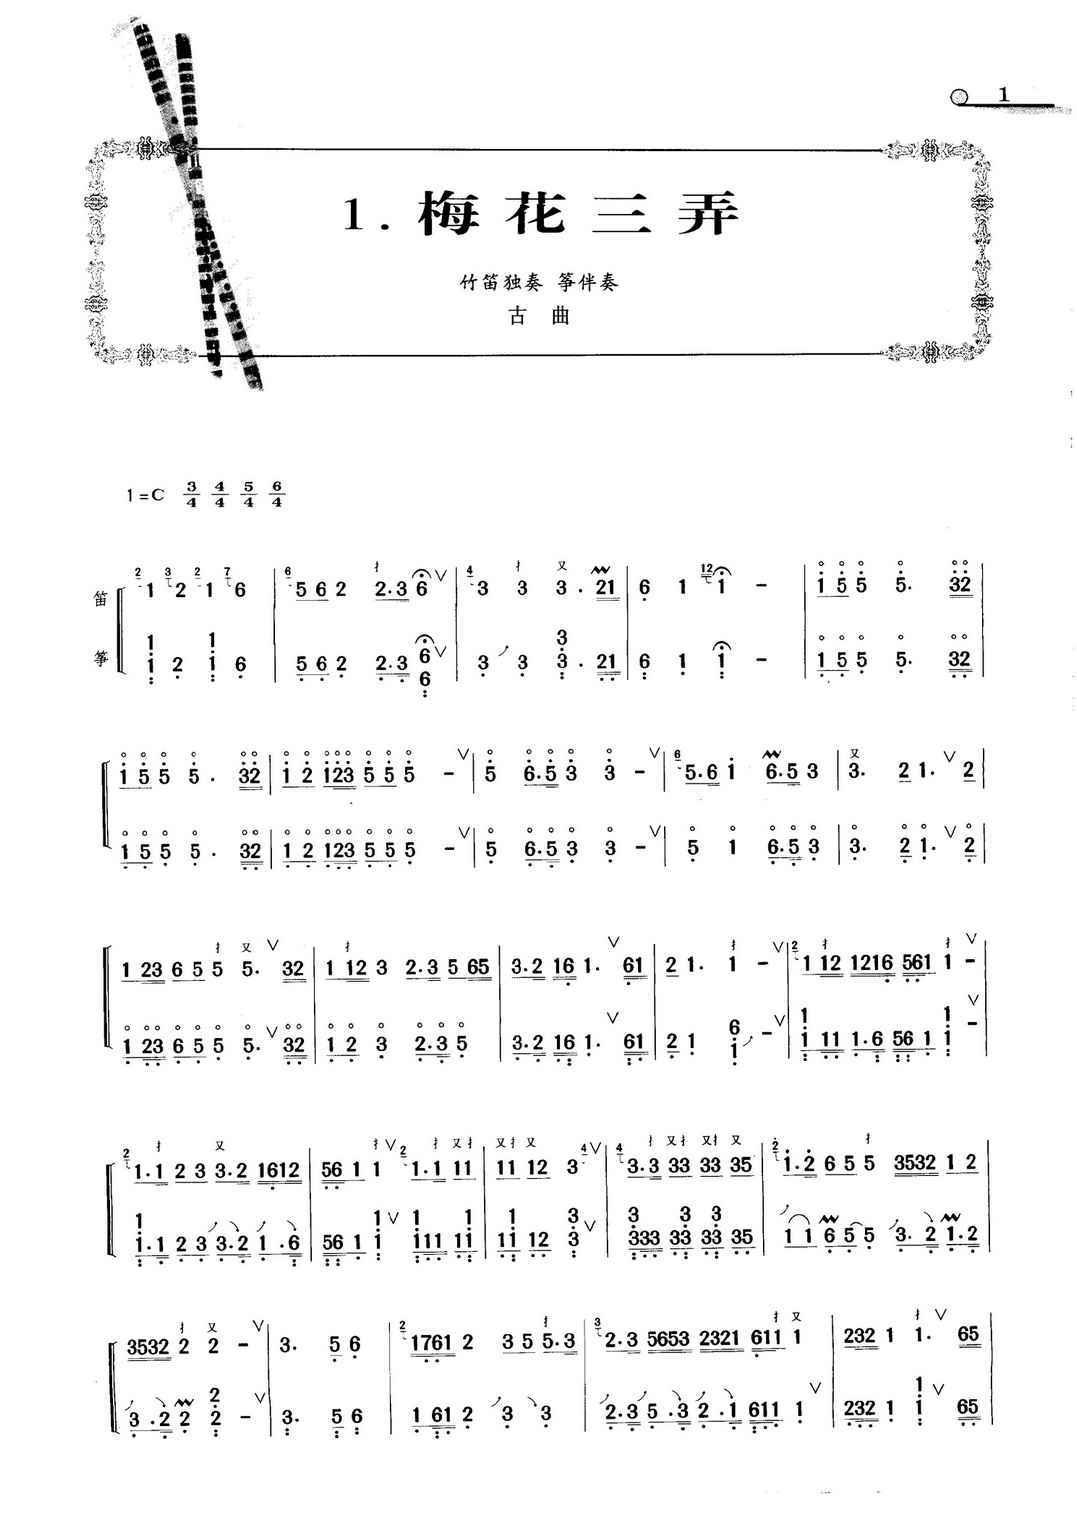 梅花三弄 曲谱/梅花三弄3P 演奏独奏笛子 竹笛 简谱乐谱 曲谱